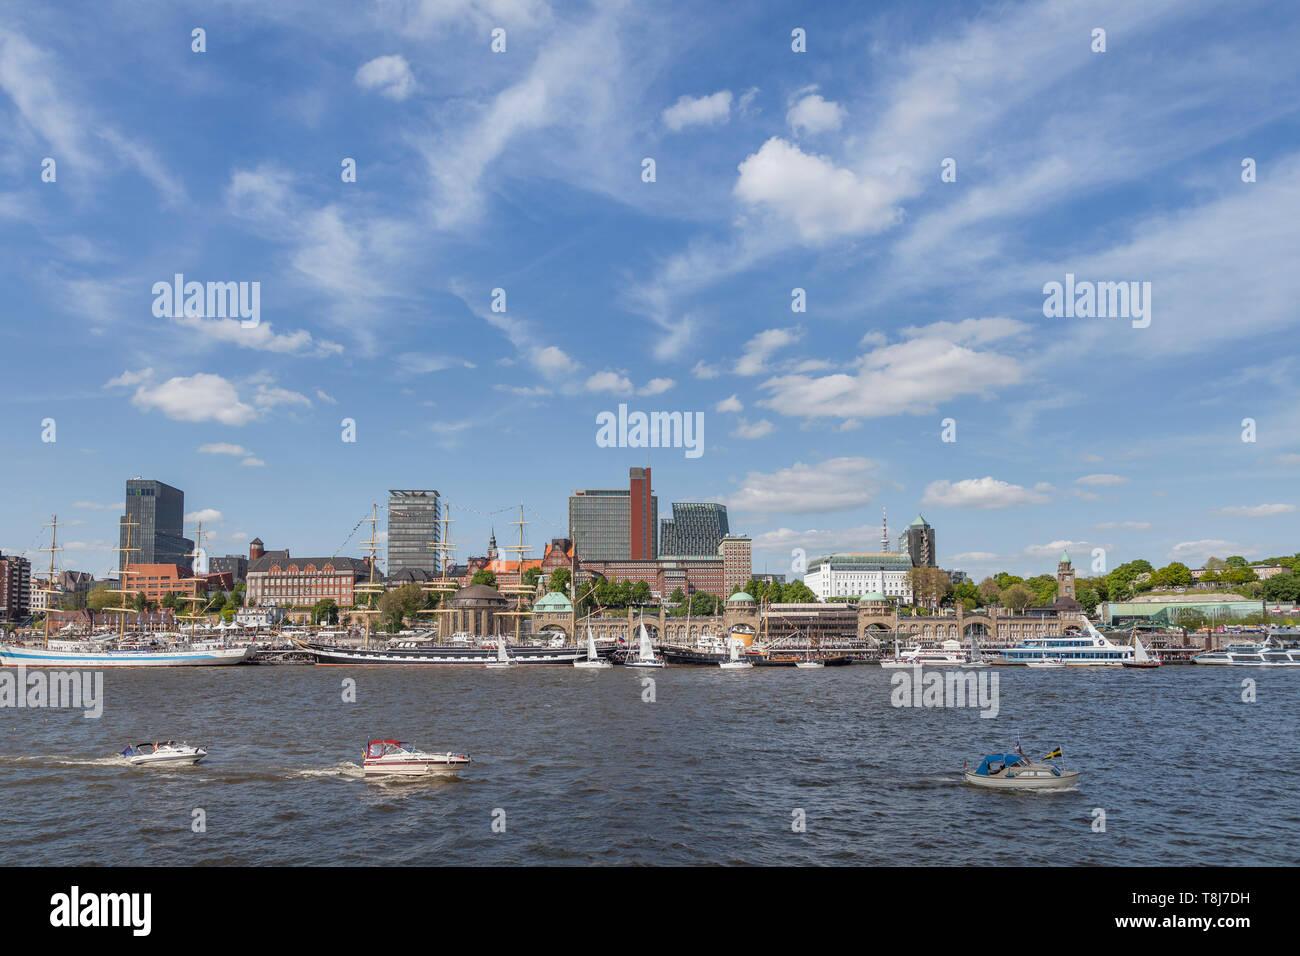 Hafengeburtstag 2019, Elbe,  Harbour , Hamburg, Germany , Europe - Stock Image